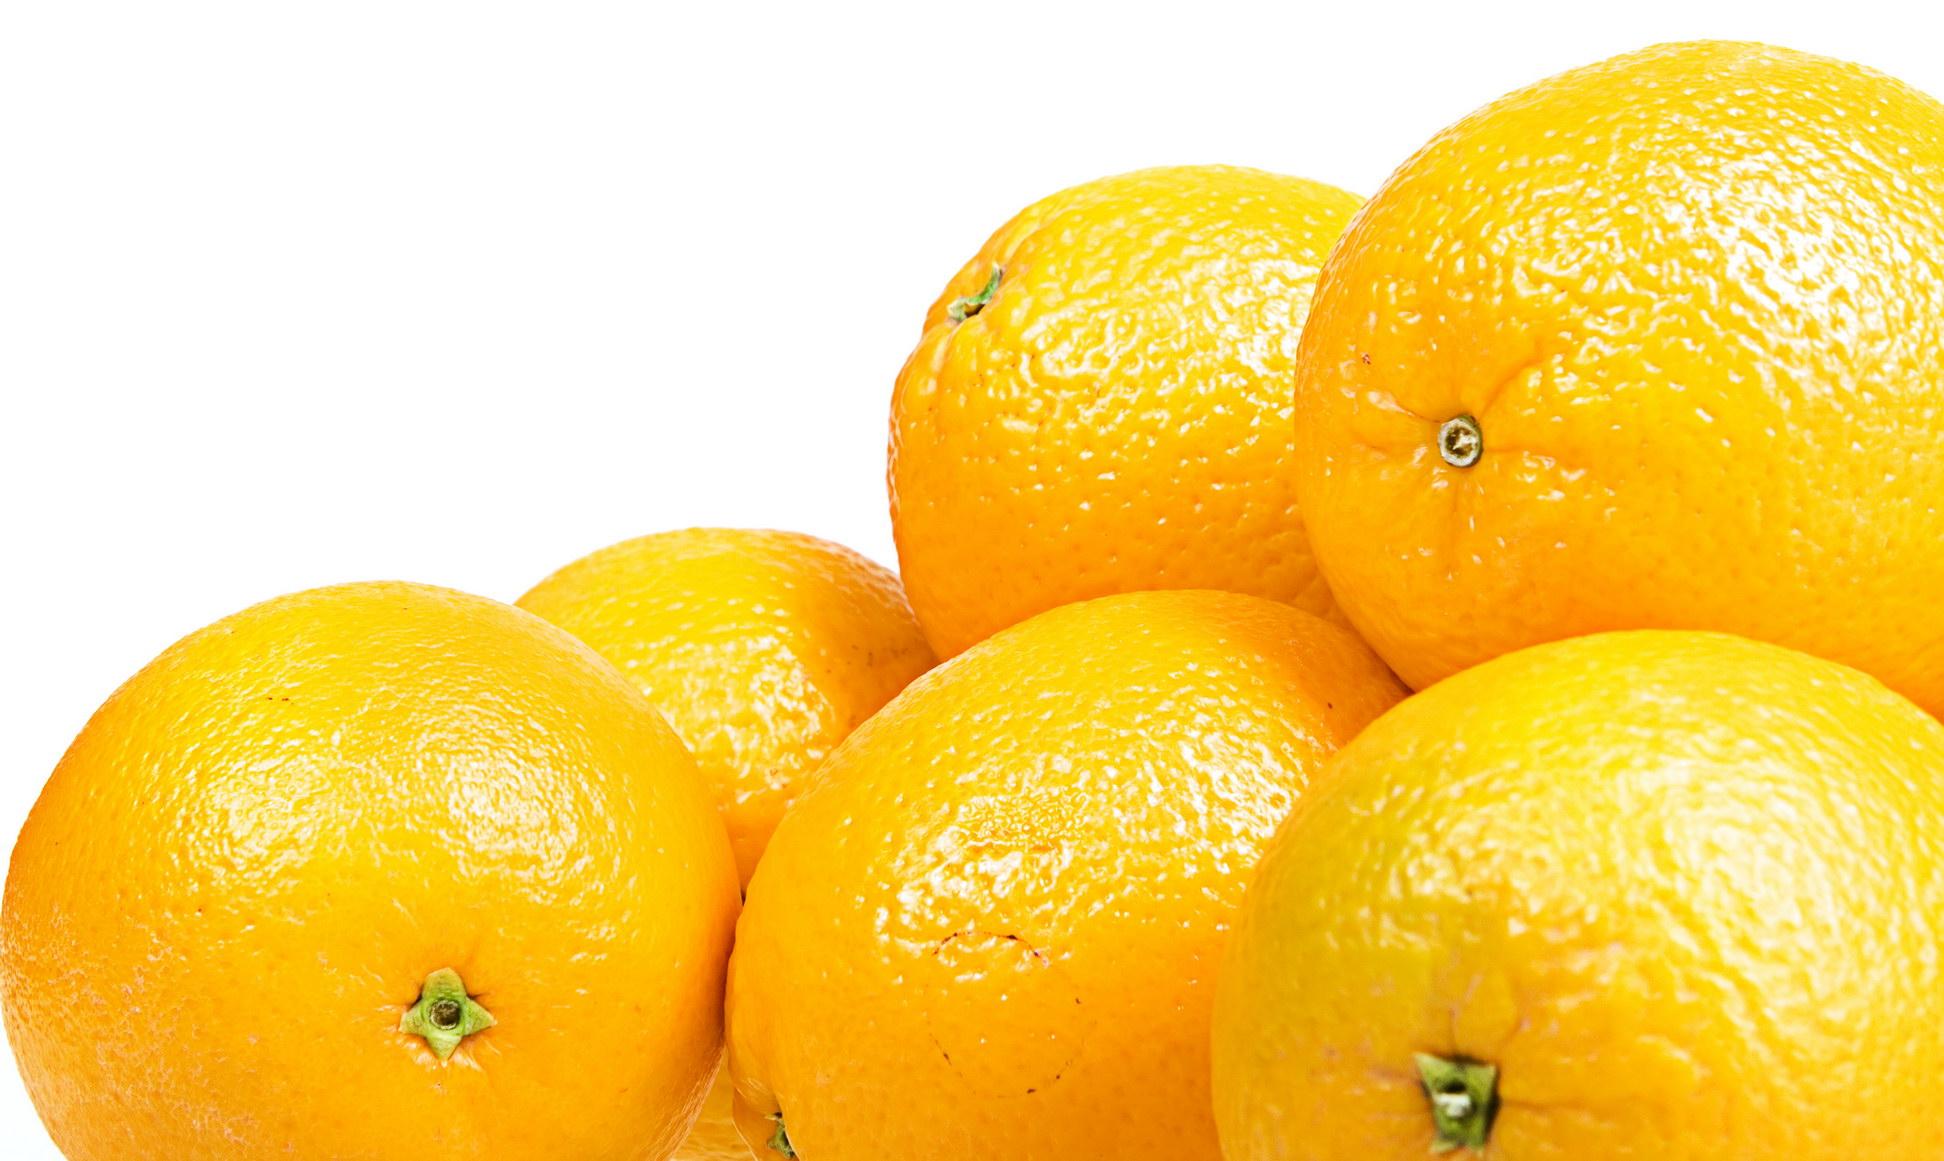 Pile of oranges photo